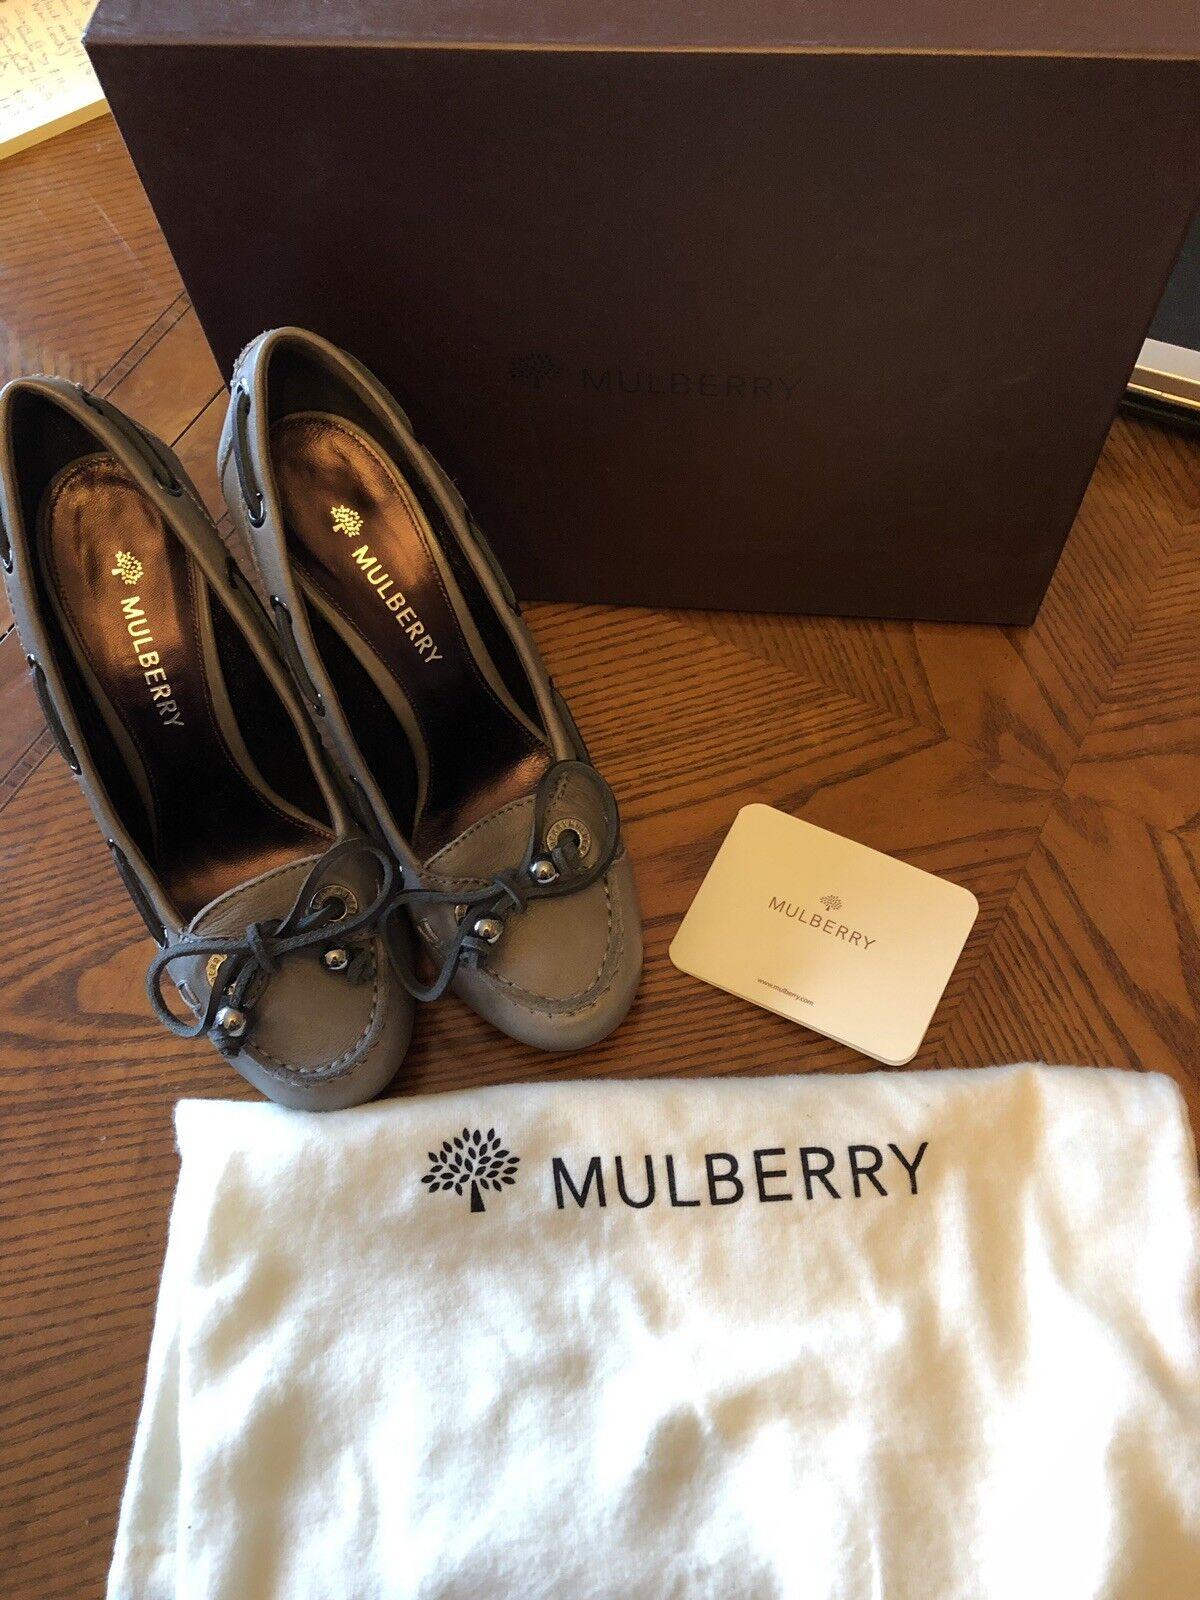 Mulberry Deck scarpe High Heel  Soft Matte in Mole grigio  vendite dirette della fabbrica